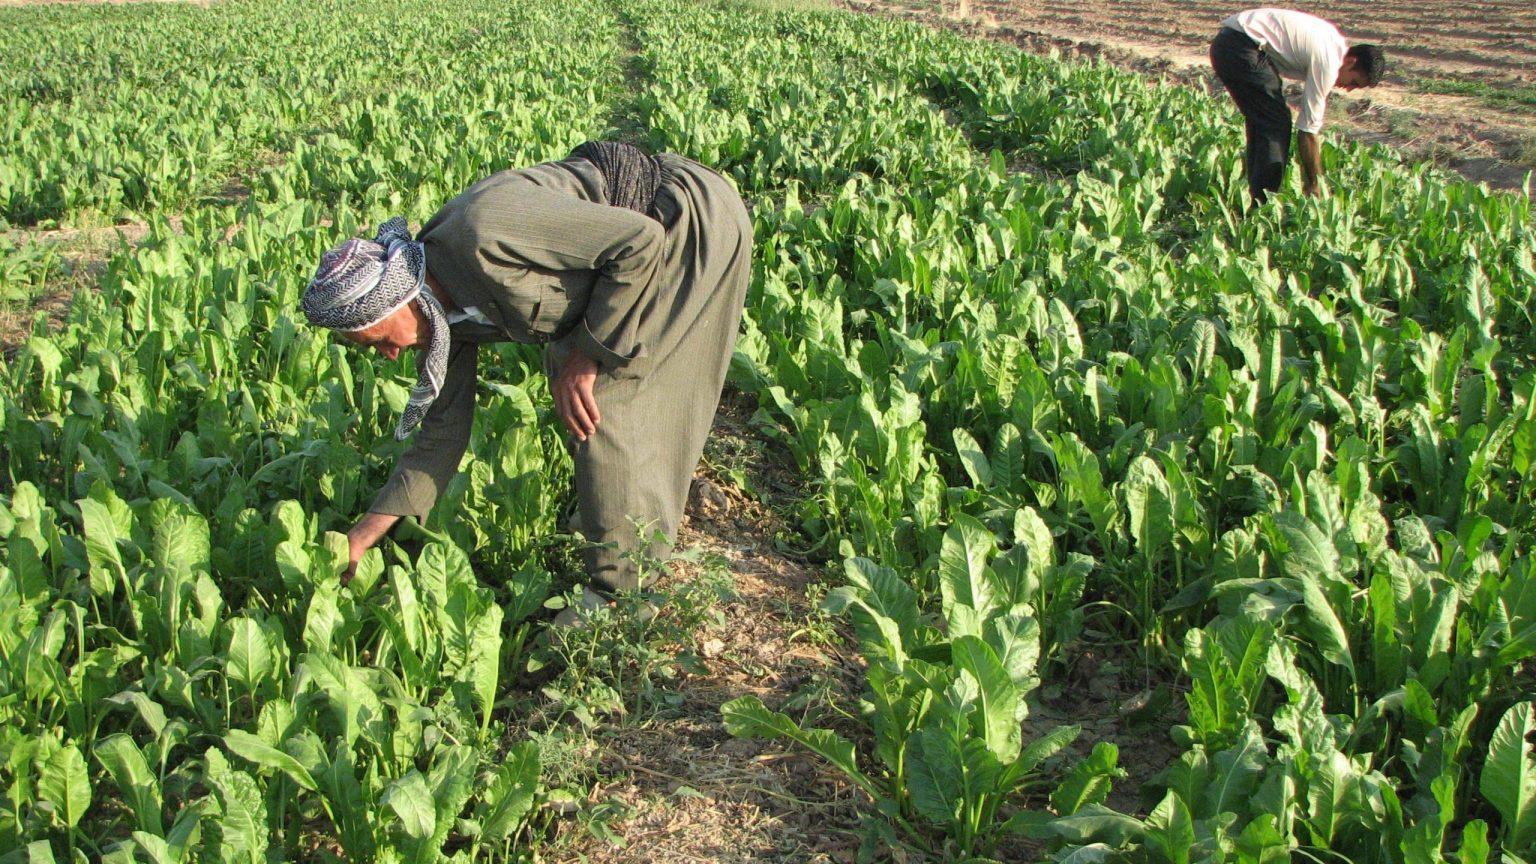 Iraqi Food Security